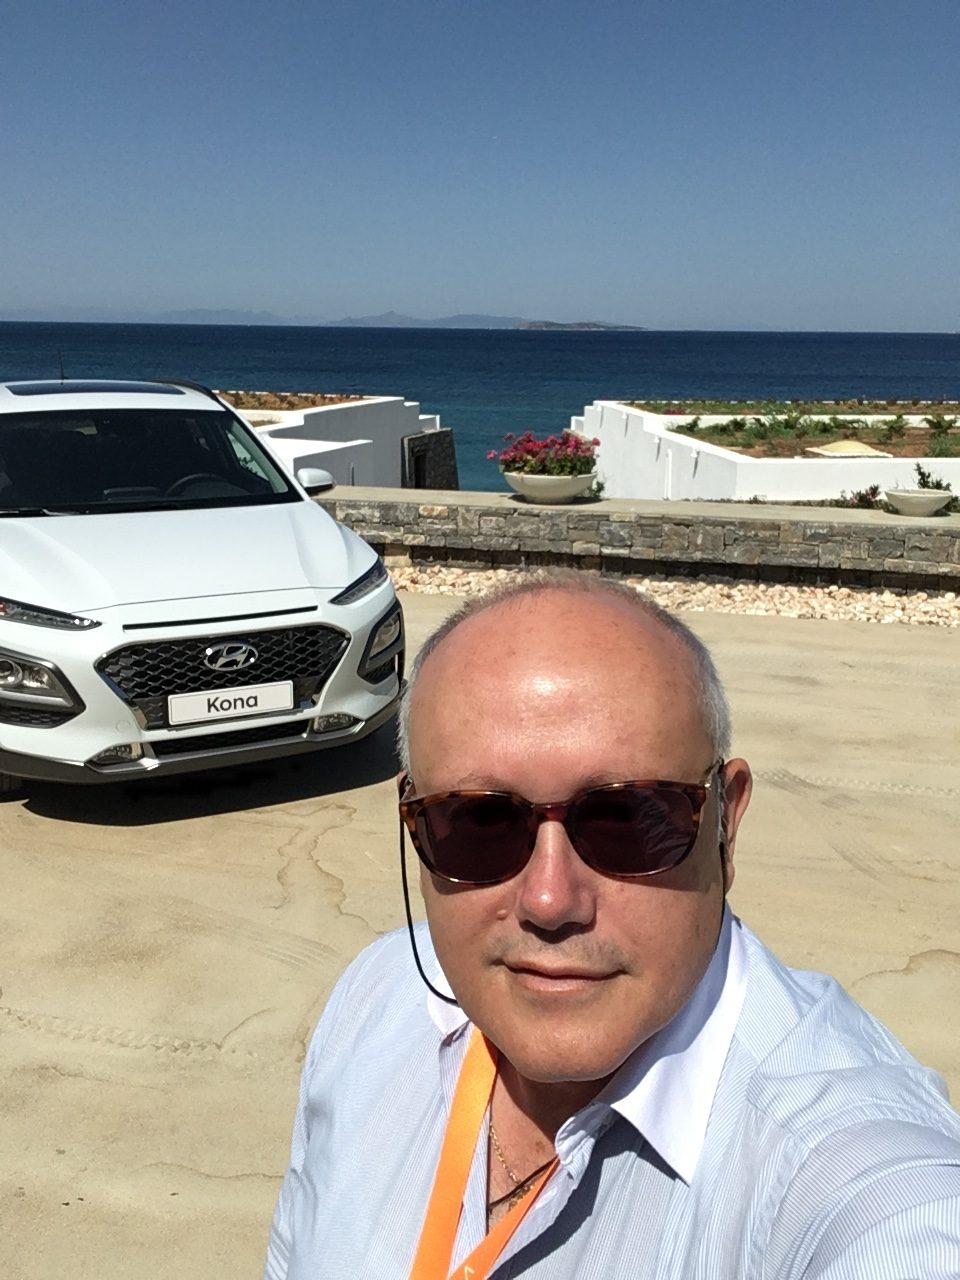 • Το Νέο Hyundai Kona συνδυάζει την αξιοπιστία και την κληρονομιά των SUVs της Hyundai Motor με μια εξαιρετικά μοντέρνα σχεδίαση αποτελώντας ένα σημαντικό βήμα προς τον στόχο της Hyundai να καταστεί η Νο1 ασιατική μάρκα αυτοκινήτων στην Ευρώπη έως το 2021. • Το Νέο Hyundai Kona προσφέρει μια εντελώς νέα συμπαγή πλατφόρμα SUV και μία κομψή, μυώδη σχεδίαση με διπλούς προβολείς LED, διχρωμία αμαξώματος-οροφής και επιλογή από δέκα έντονα εξωτερικά χρώματα, που προσφέρουν 28 διαφορετικούς συνδυασμούς για κάθε διαφορετικό ύφος. • Οι χρωματιστές ραφές στα καθίσματα και το τιμόνι, καθώς και οι φωτεινές ενδείξεις γύρω από τους αεραγωγούς διαφοροποιούν αισθητά το εσωτερικό του Νέου Kona. Το Νέο Kona είναι το μοναδικό αυτοκίνητο της κατηγορίας, όπου το χρώμα του εσωτερικού τόνου συνδυάζεται χρωματικά με τις ζώνες ασφαλείας. • Το Νέο Kona είναι ένα πραγματικό SUV με τετρακίνηση, 7DCT αυτόματο κιβώτιο ταχυτήτων και τους τελευταίας τεχνολογίας κινητήριες της Hyundai: από τους σύγχρονους υπερ-τροφοδοτούμενους βενζινοκινητήρες 120 και 177 ίππων μέχρι την τεχνολογία Diesel νέας γενιάς. • Η νέα οθόνη αφής του μοντέλου προβάλλει οδηγικές πληροφορίες απευθείας στο οπτικό πεδίο του οδηγού και παράλληλα με head-up display σε ειδική διάφανη επιφάνεια που ανασηκώνεται πίσω από το κάλυμμα του πίνακα οργάνων, μόλις ενεργοποιηθεί ο κινητήρας. Η κορυφαία φωτεινότητά της που φθάνει τα 10.000 cd / m2 και το μέγεθος των 8-ιντσών δεν επιτρέπουν μόνο την αβίαστη ορατότητα κατά τη διάρκεια της ημέρας, αλλά και την ταχύτερη επεξεργασία των πληροφοριών, διατηρώντας παράλληλα προσηλωμένη την προσοχή του οδηγού στο δρόμο. • Ένα ακόμη τεχνολογικά προηγμένο χαρακτηριστικό της Hyundai, που συναντούμε για πρώτη φορά στο Νέο Kona είναι το σύστημα πολυμέσων Display Audio, όπου οι επιβάτες έχουν τη δυνατότητα να παρακολουθούν το περιεχόμενο του smartphone τους στην οθόνη 7-ιντσών του συστήματος μέσω του Apple CarPlay και του Android Auto. Η λειτουργία αυτή επιτρέπει στους επιβάτες να χρησιμοποιήσουν τις ενσωμα